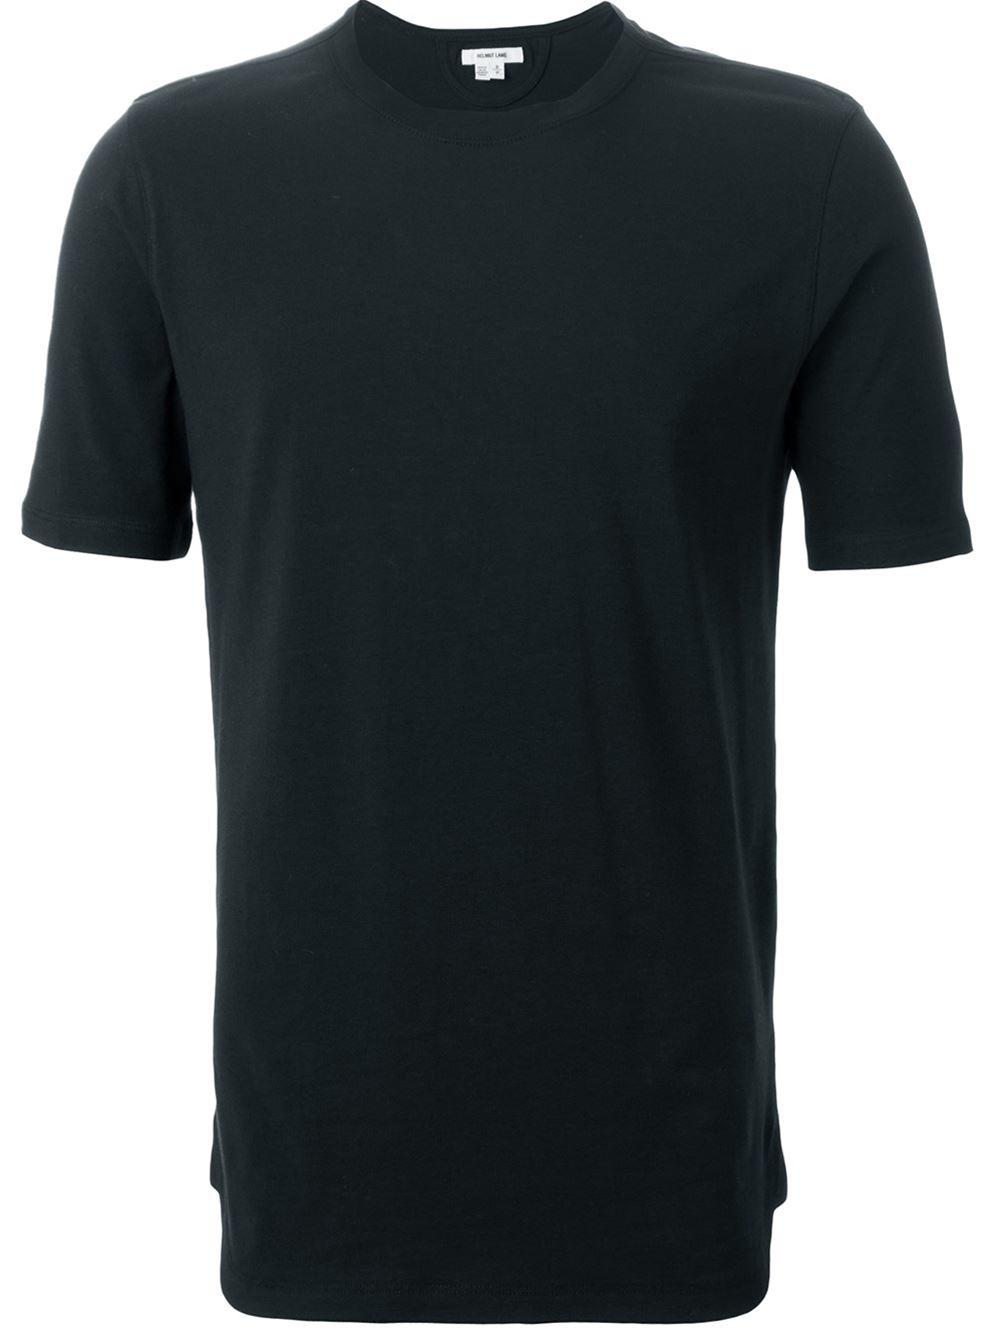 helmut lang round neck cotton t shirt in black for men lyst. Black Bedroom Furniture Sets. Home Design Ideas